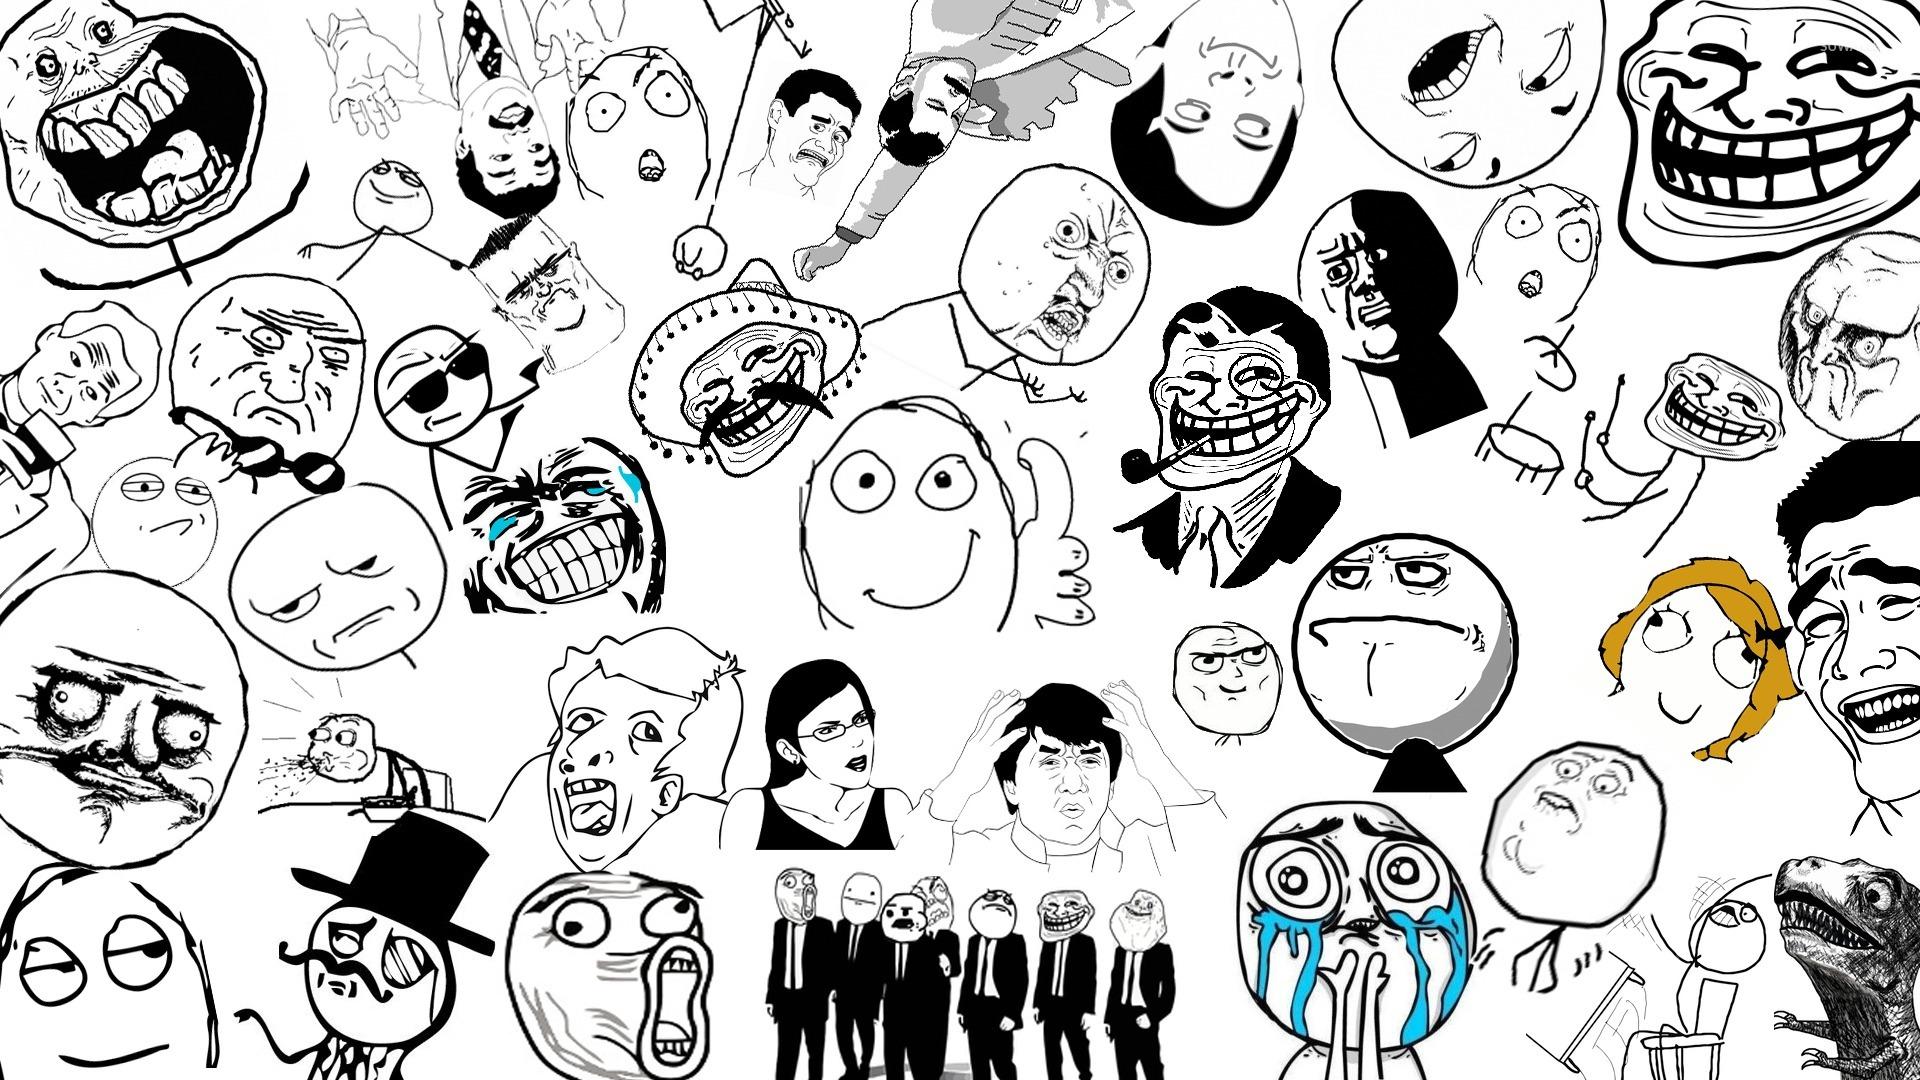 meme compilation 21800 1920x1080 meme compilation wallpaper meme wallpapers 21800,Meme Compilation